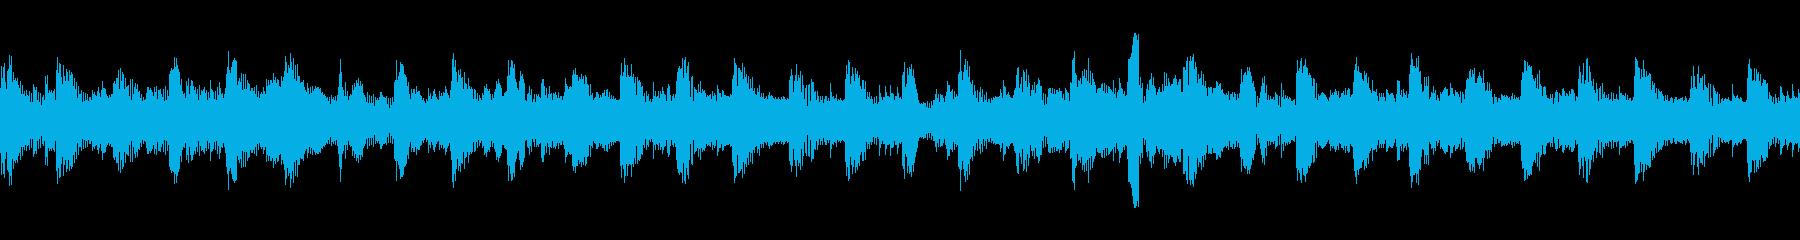 クールでスイングが効いた4つ打ちの再生済みの波形